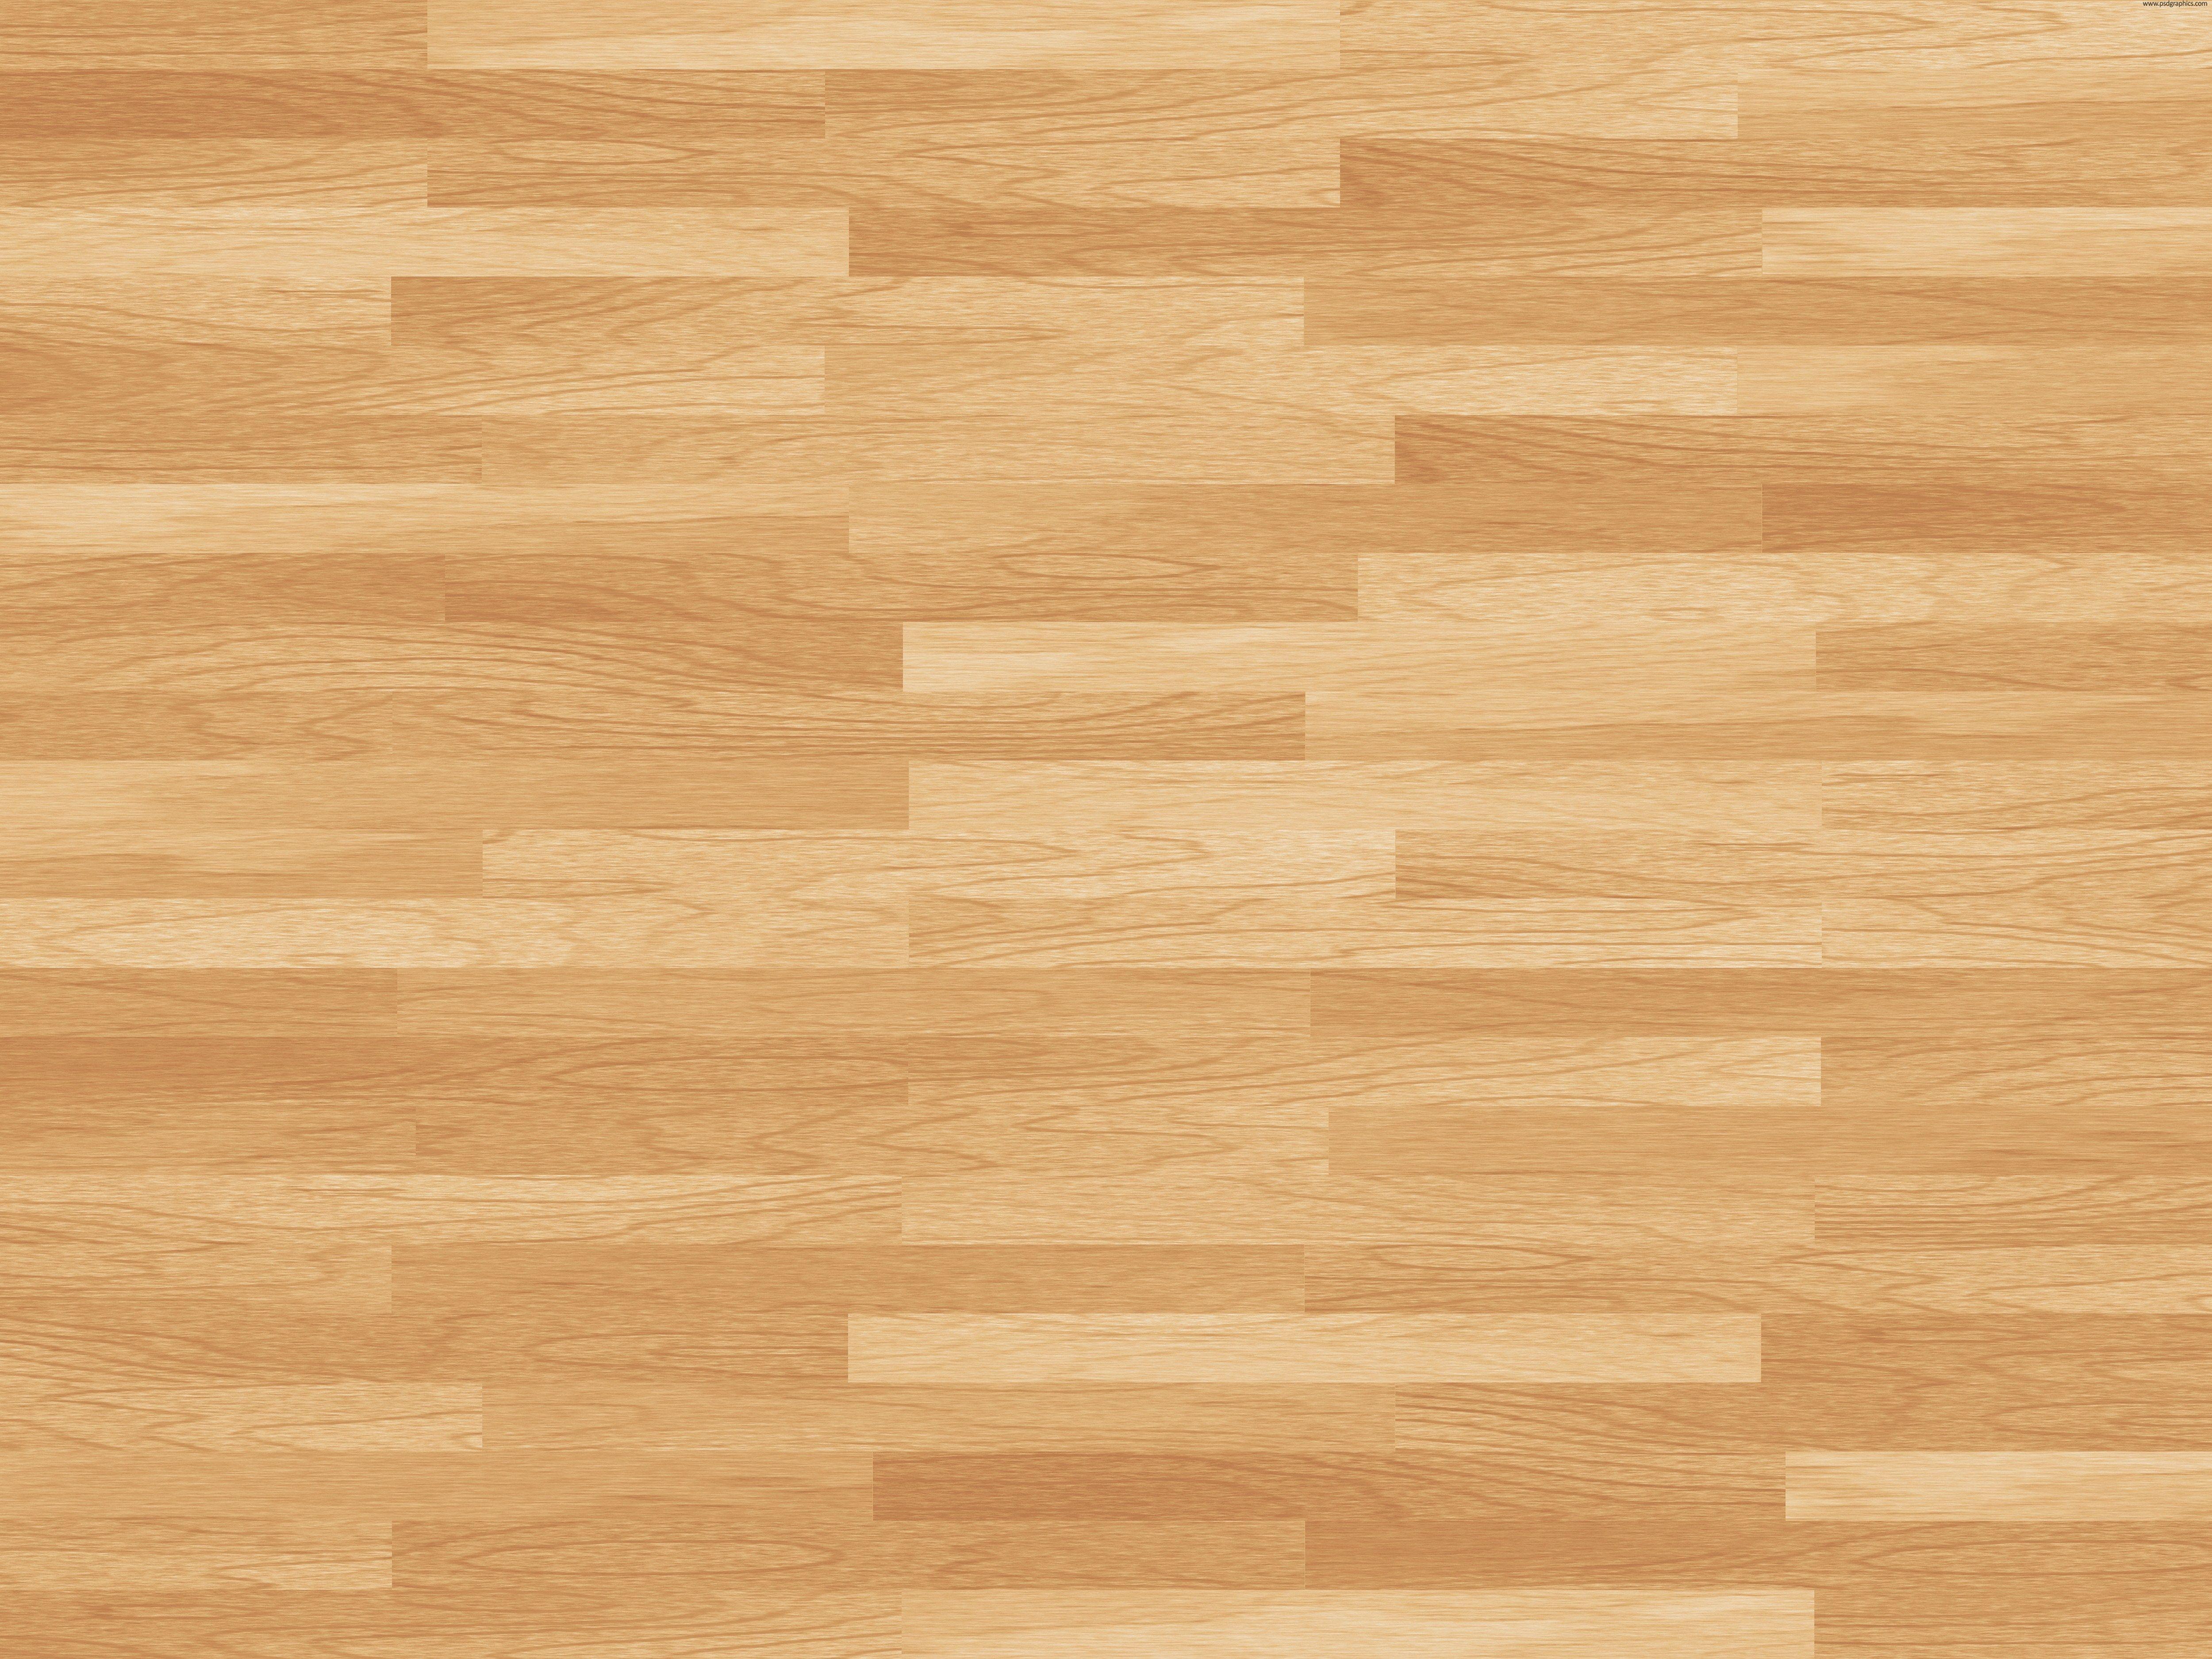 wood floors for kitchen designs floor flooring texture ...